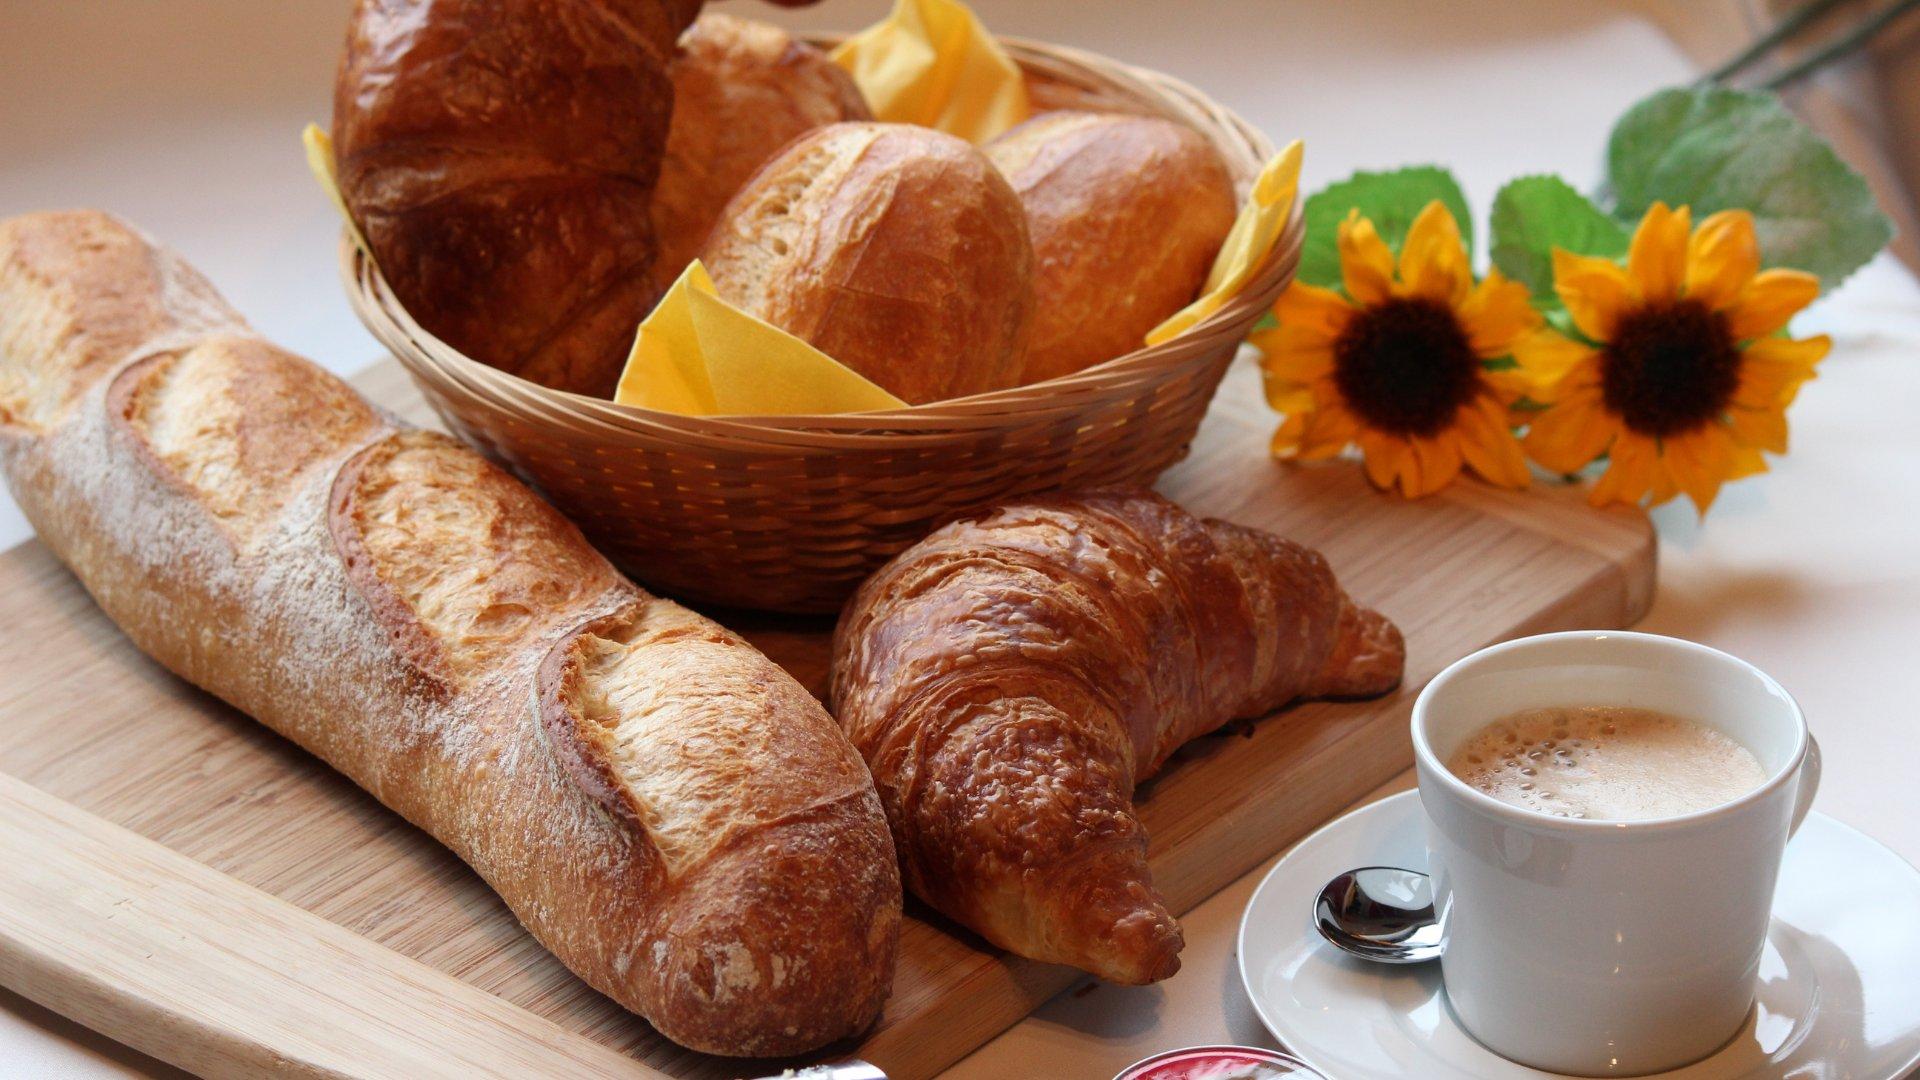 Prato de café da manhã com pães, xícara de café e flor de girassol